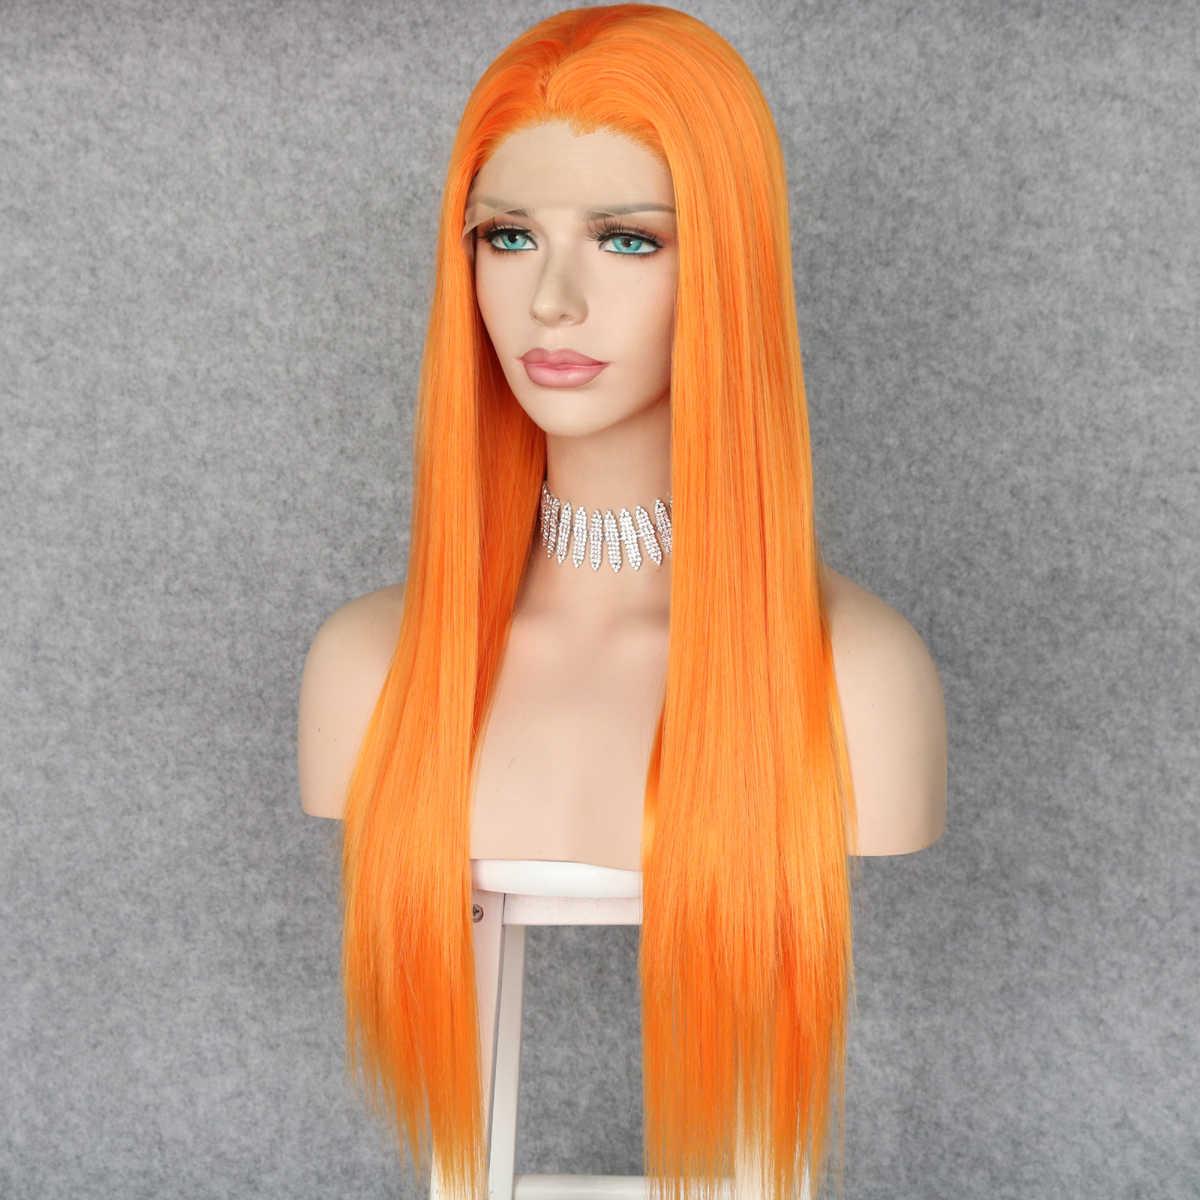 Lvcheryl pomarańczowa syntetyczna koronka przodu peruki realistyczny wygląd długi jedwabisty prosto pół ręka wiązane żaroodporne kobiety włosy peruki